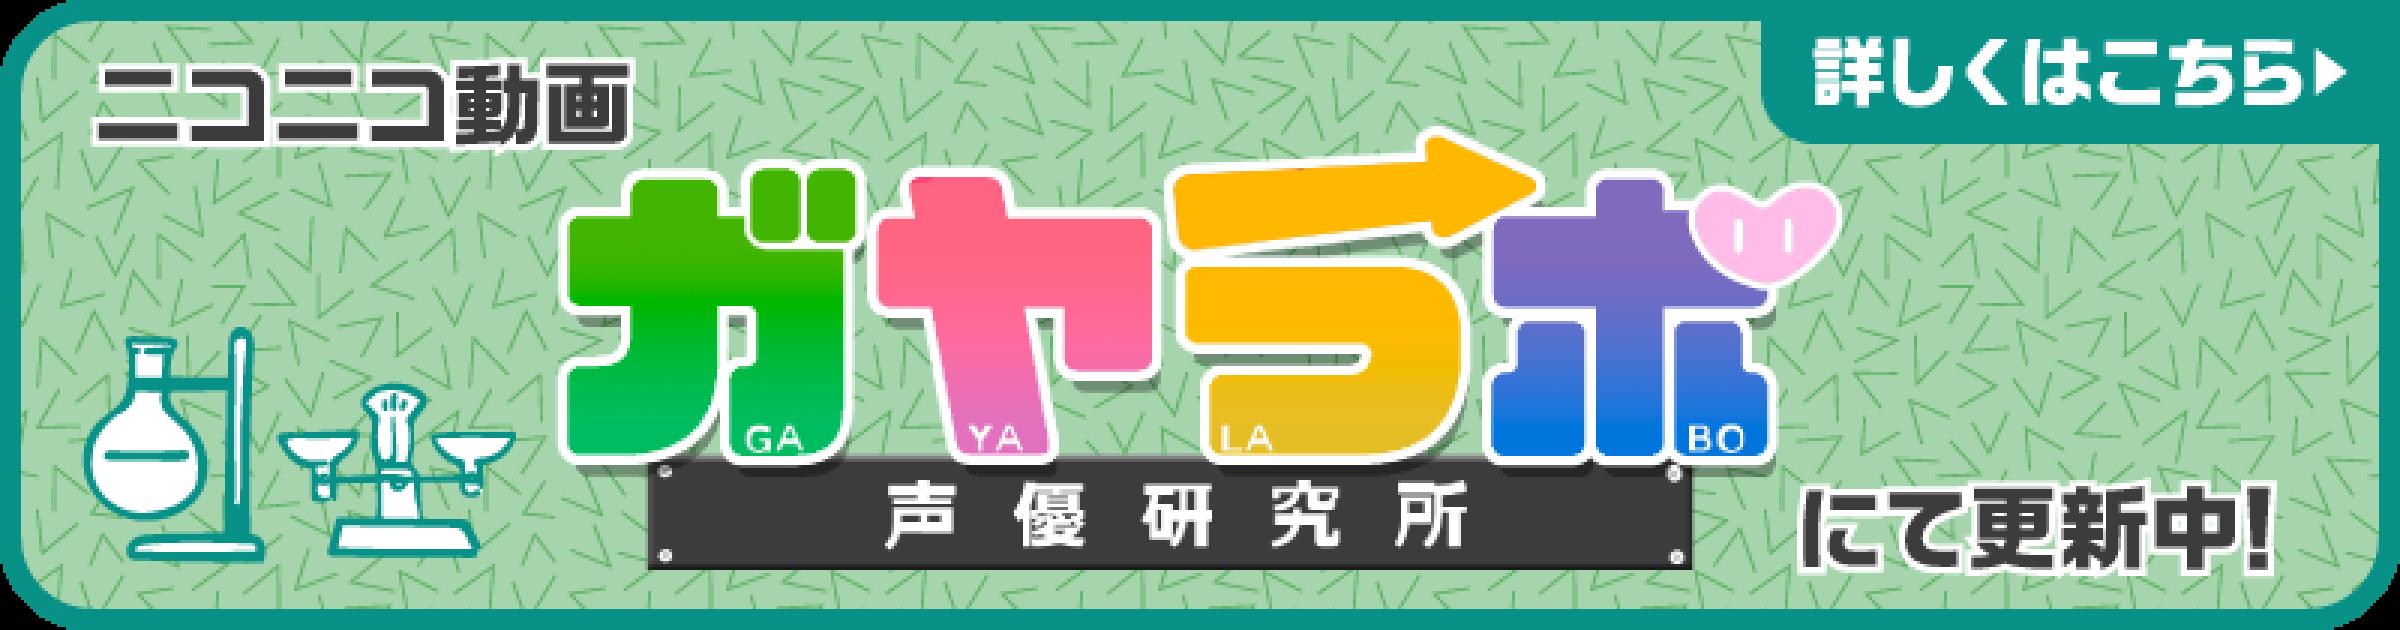 ニコニコ動画「ガヤラボ-声優研究所-」にて随時更新中!